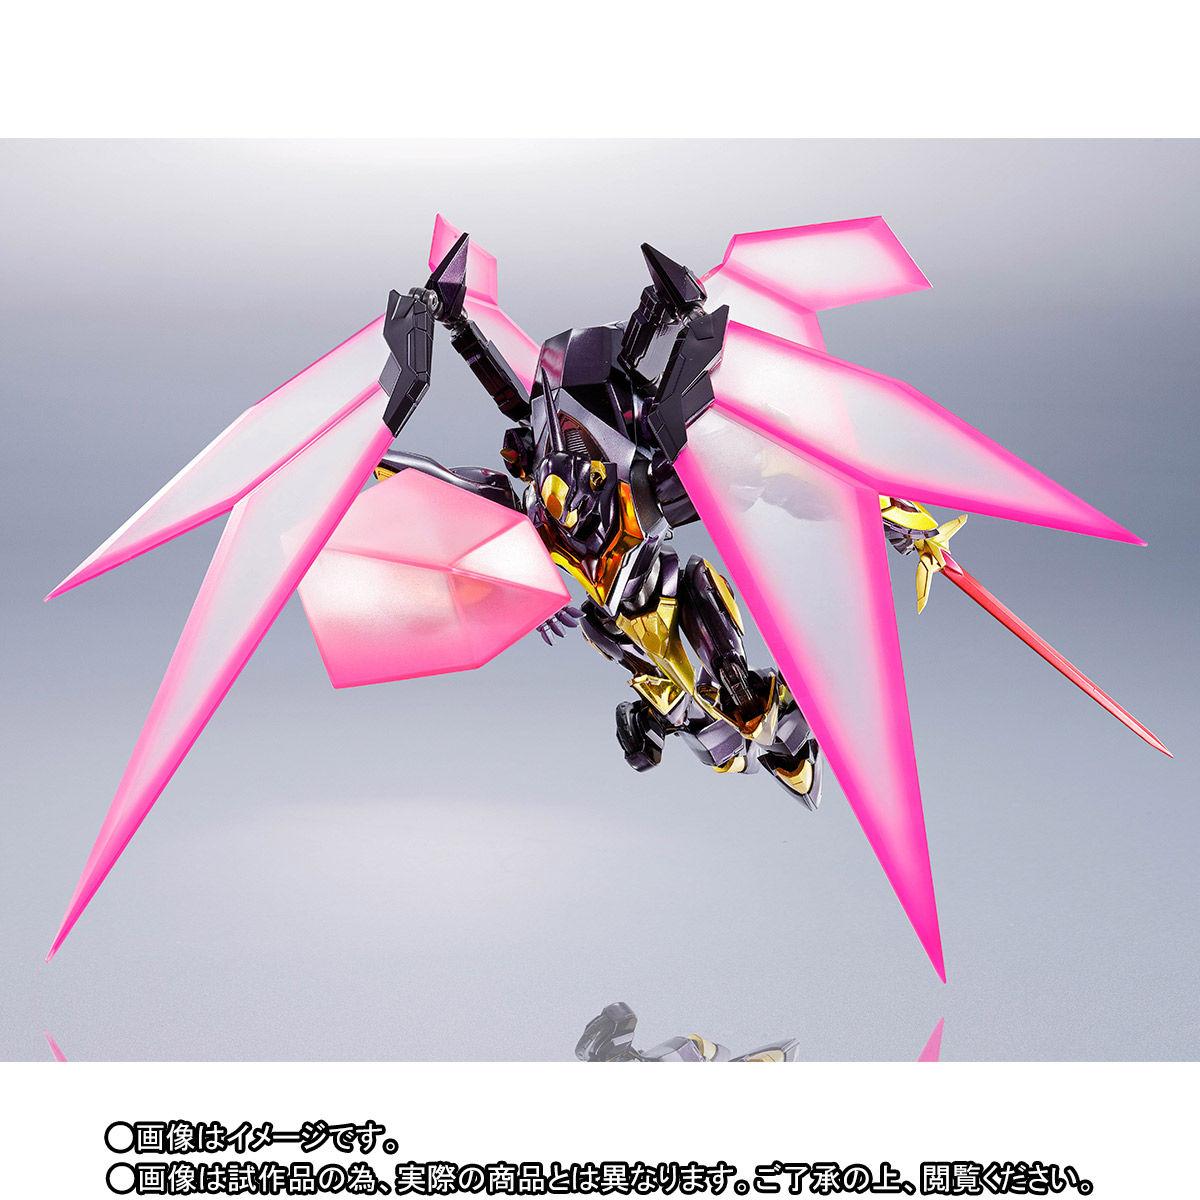 METAL ROBOT魂〈SIDE KMF〉『ランスロット・アルビオン ゼロ』コードギアス 可動フィギュア-004